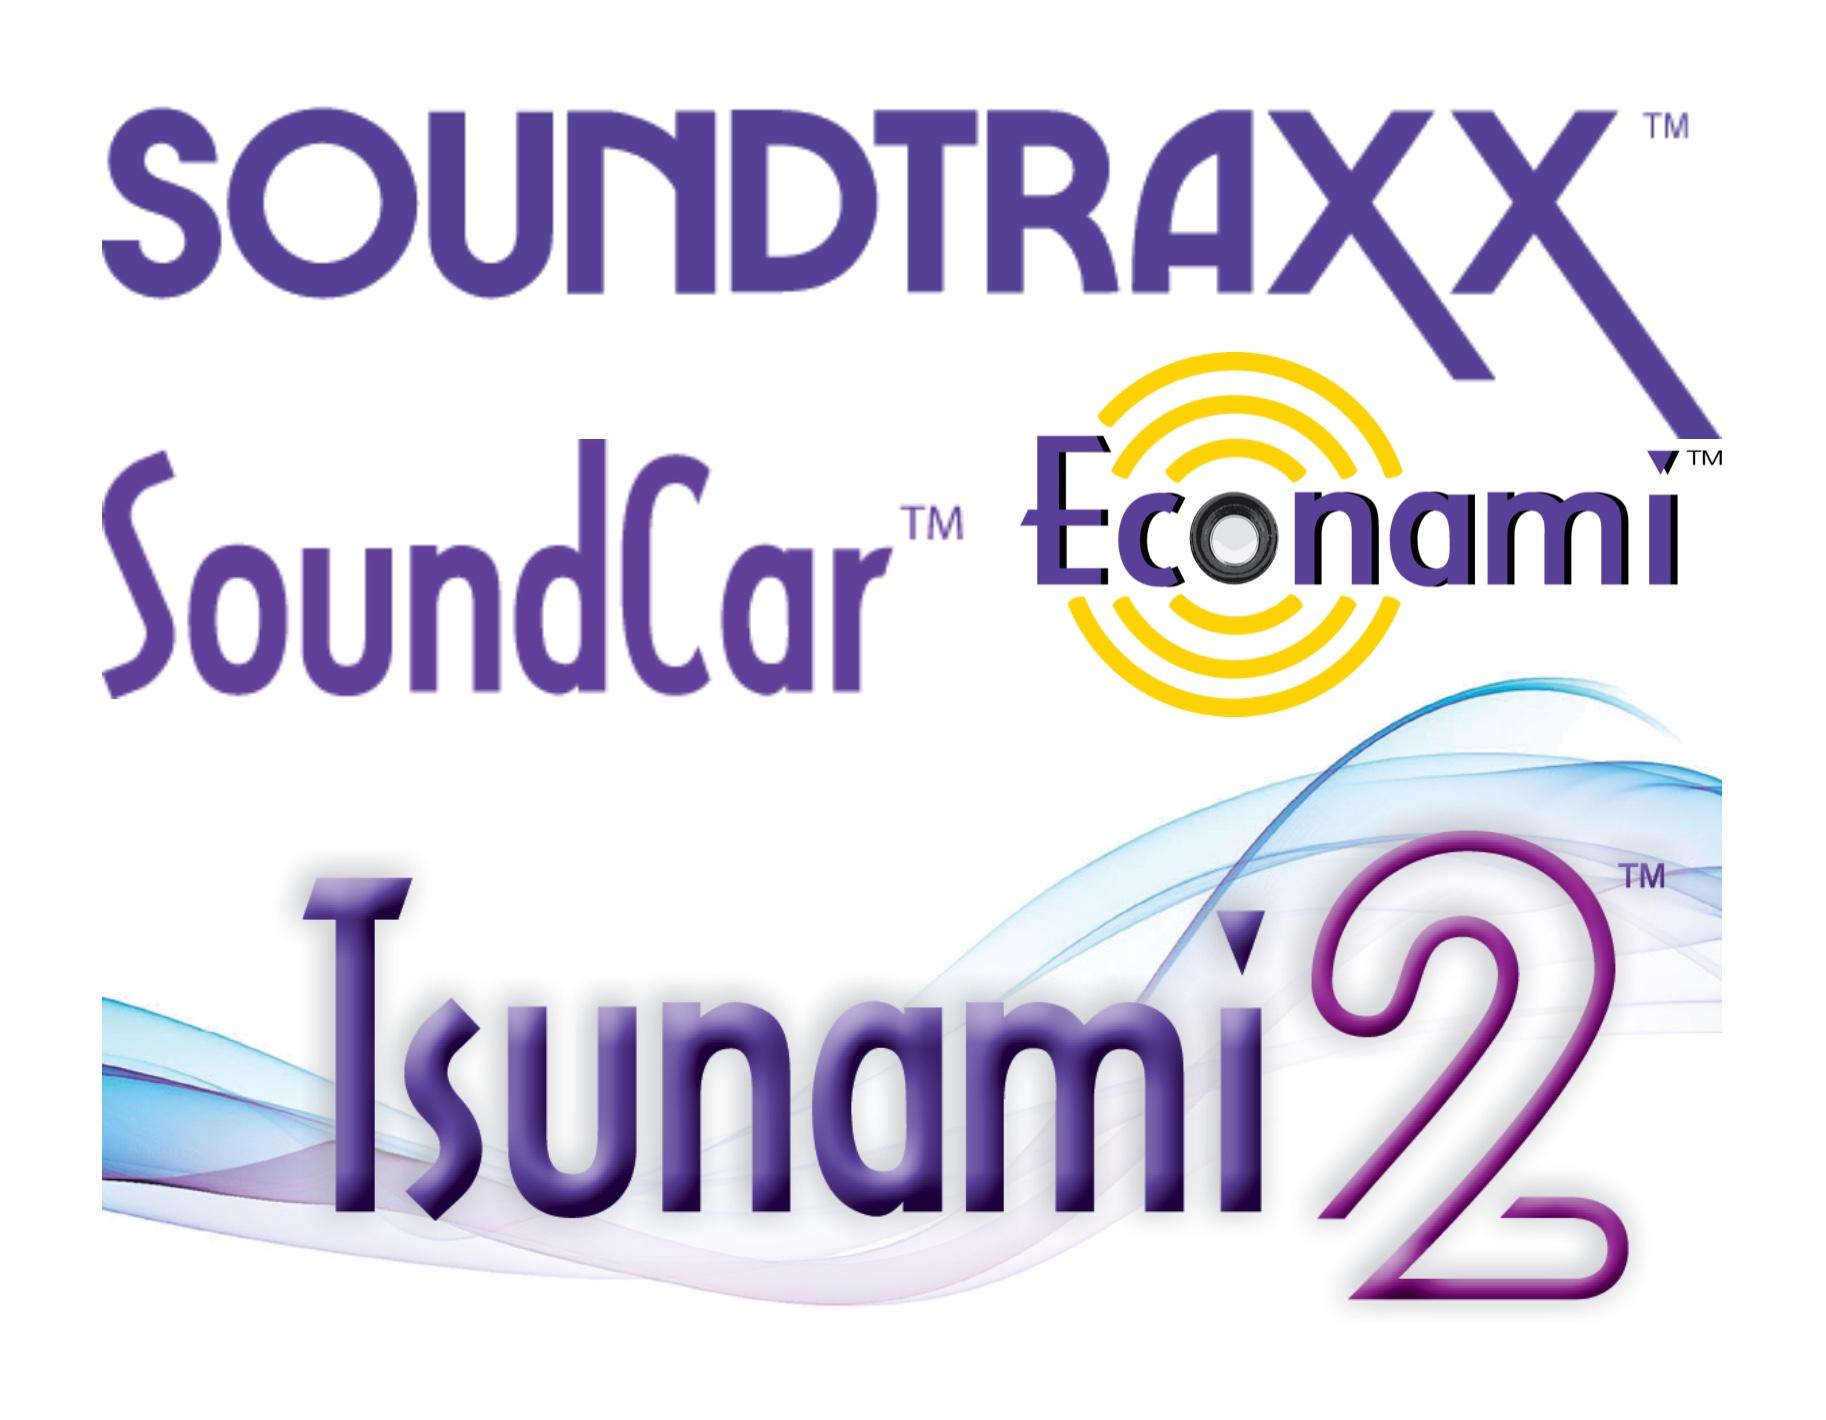 Soundtraxx_Logos.jpeg